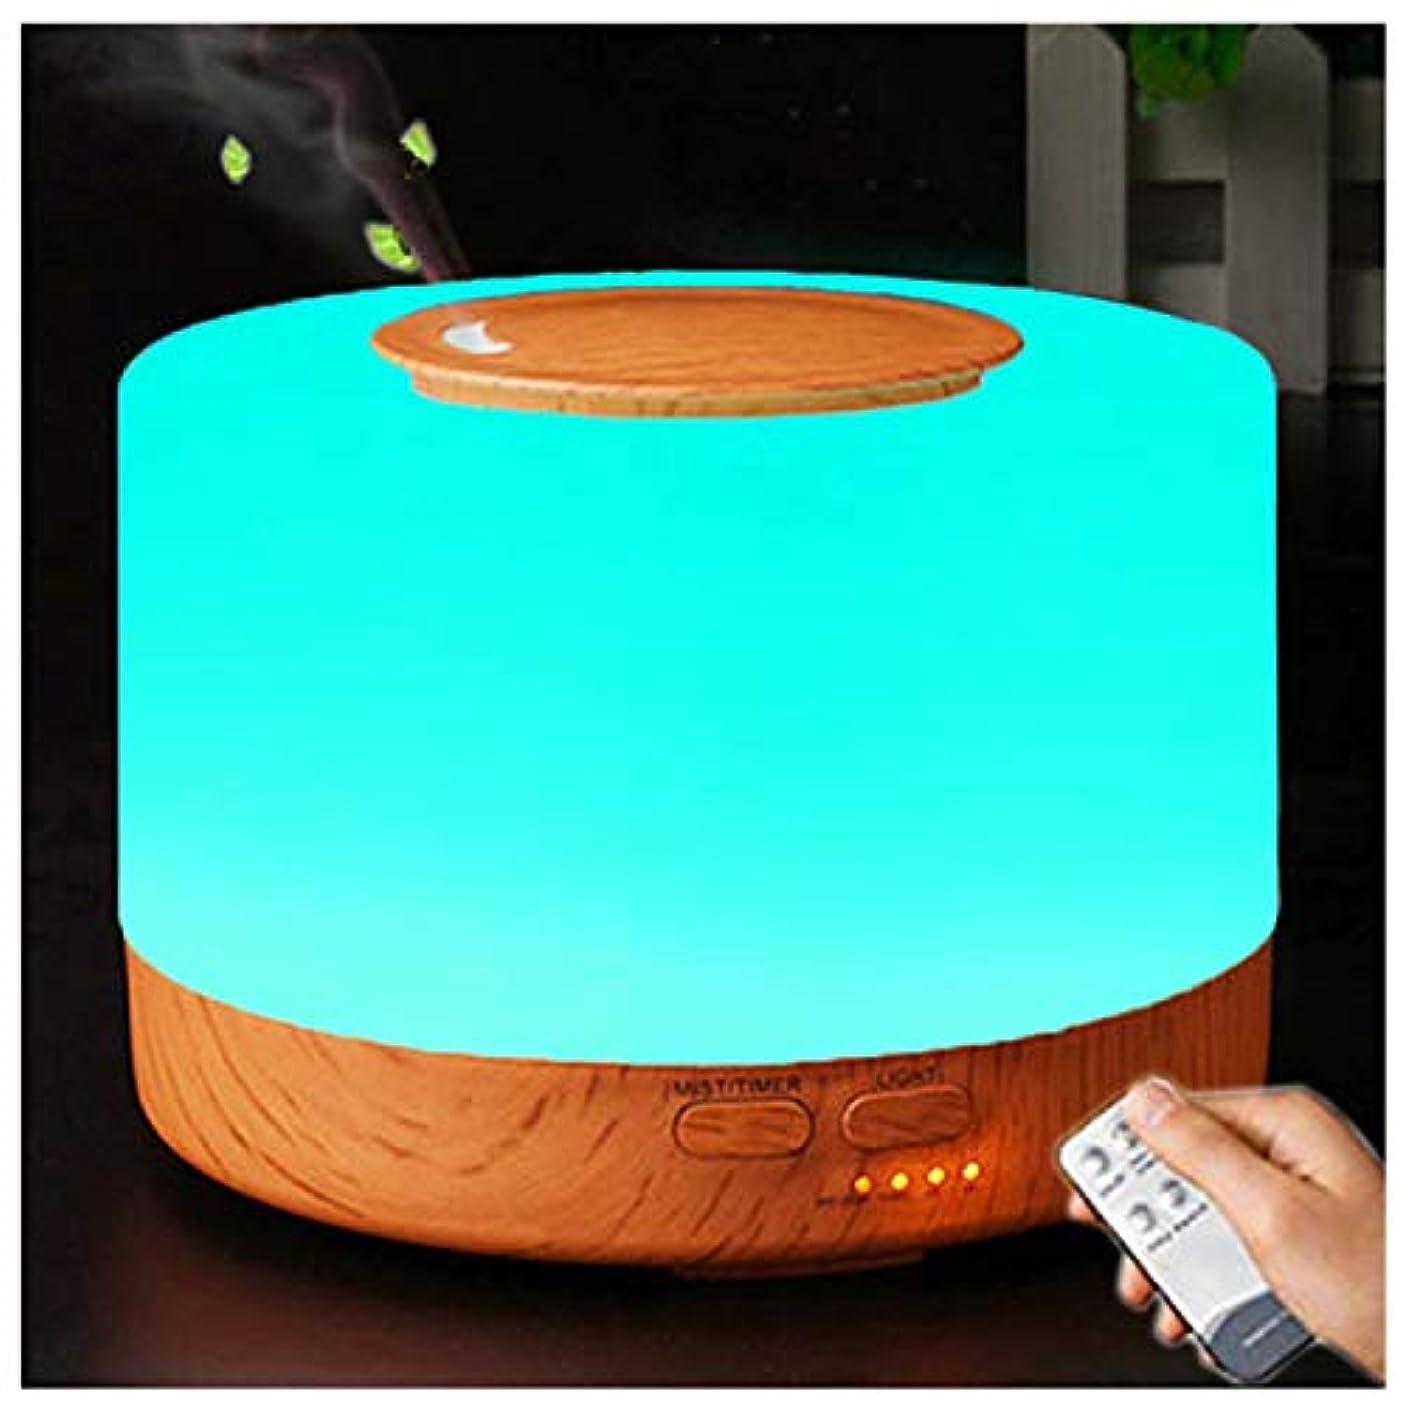 組み込むいたずら深さアロマディフューザー 加湿器, 卓上 大容量 超音波加湿器, 500ML 保湿 時間設定 空焚き防止 7色変換LED搭載 (木目調)